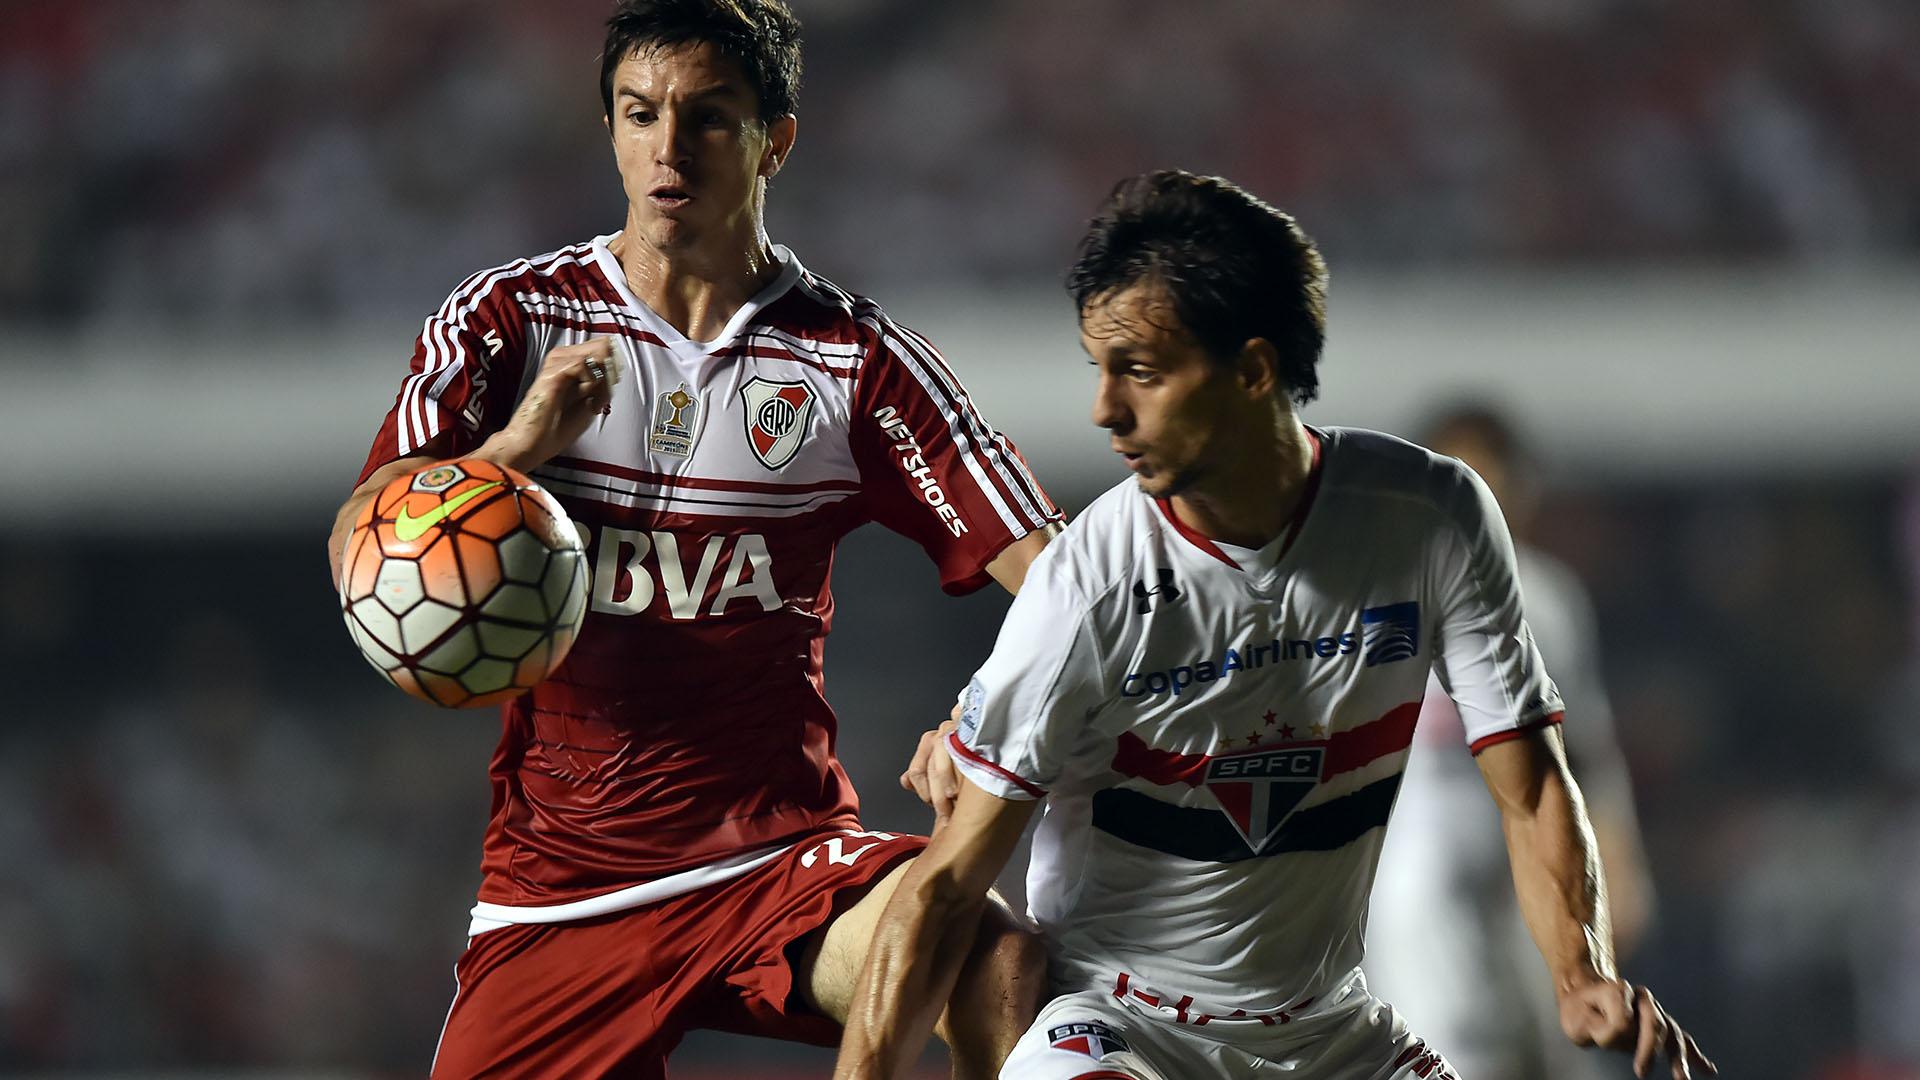 Sao Paulo River Copa Libertadores 2016 13042016